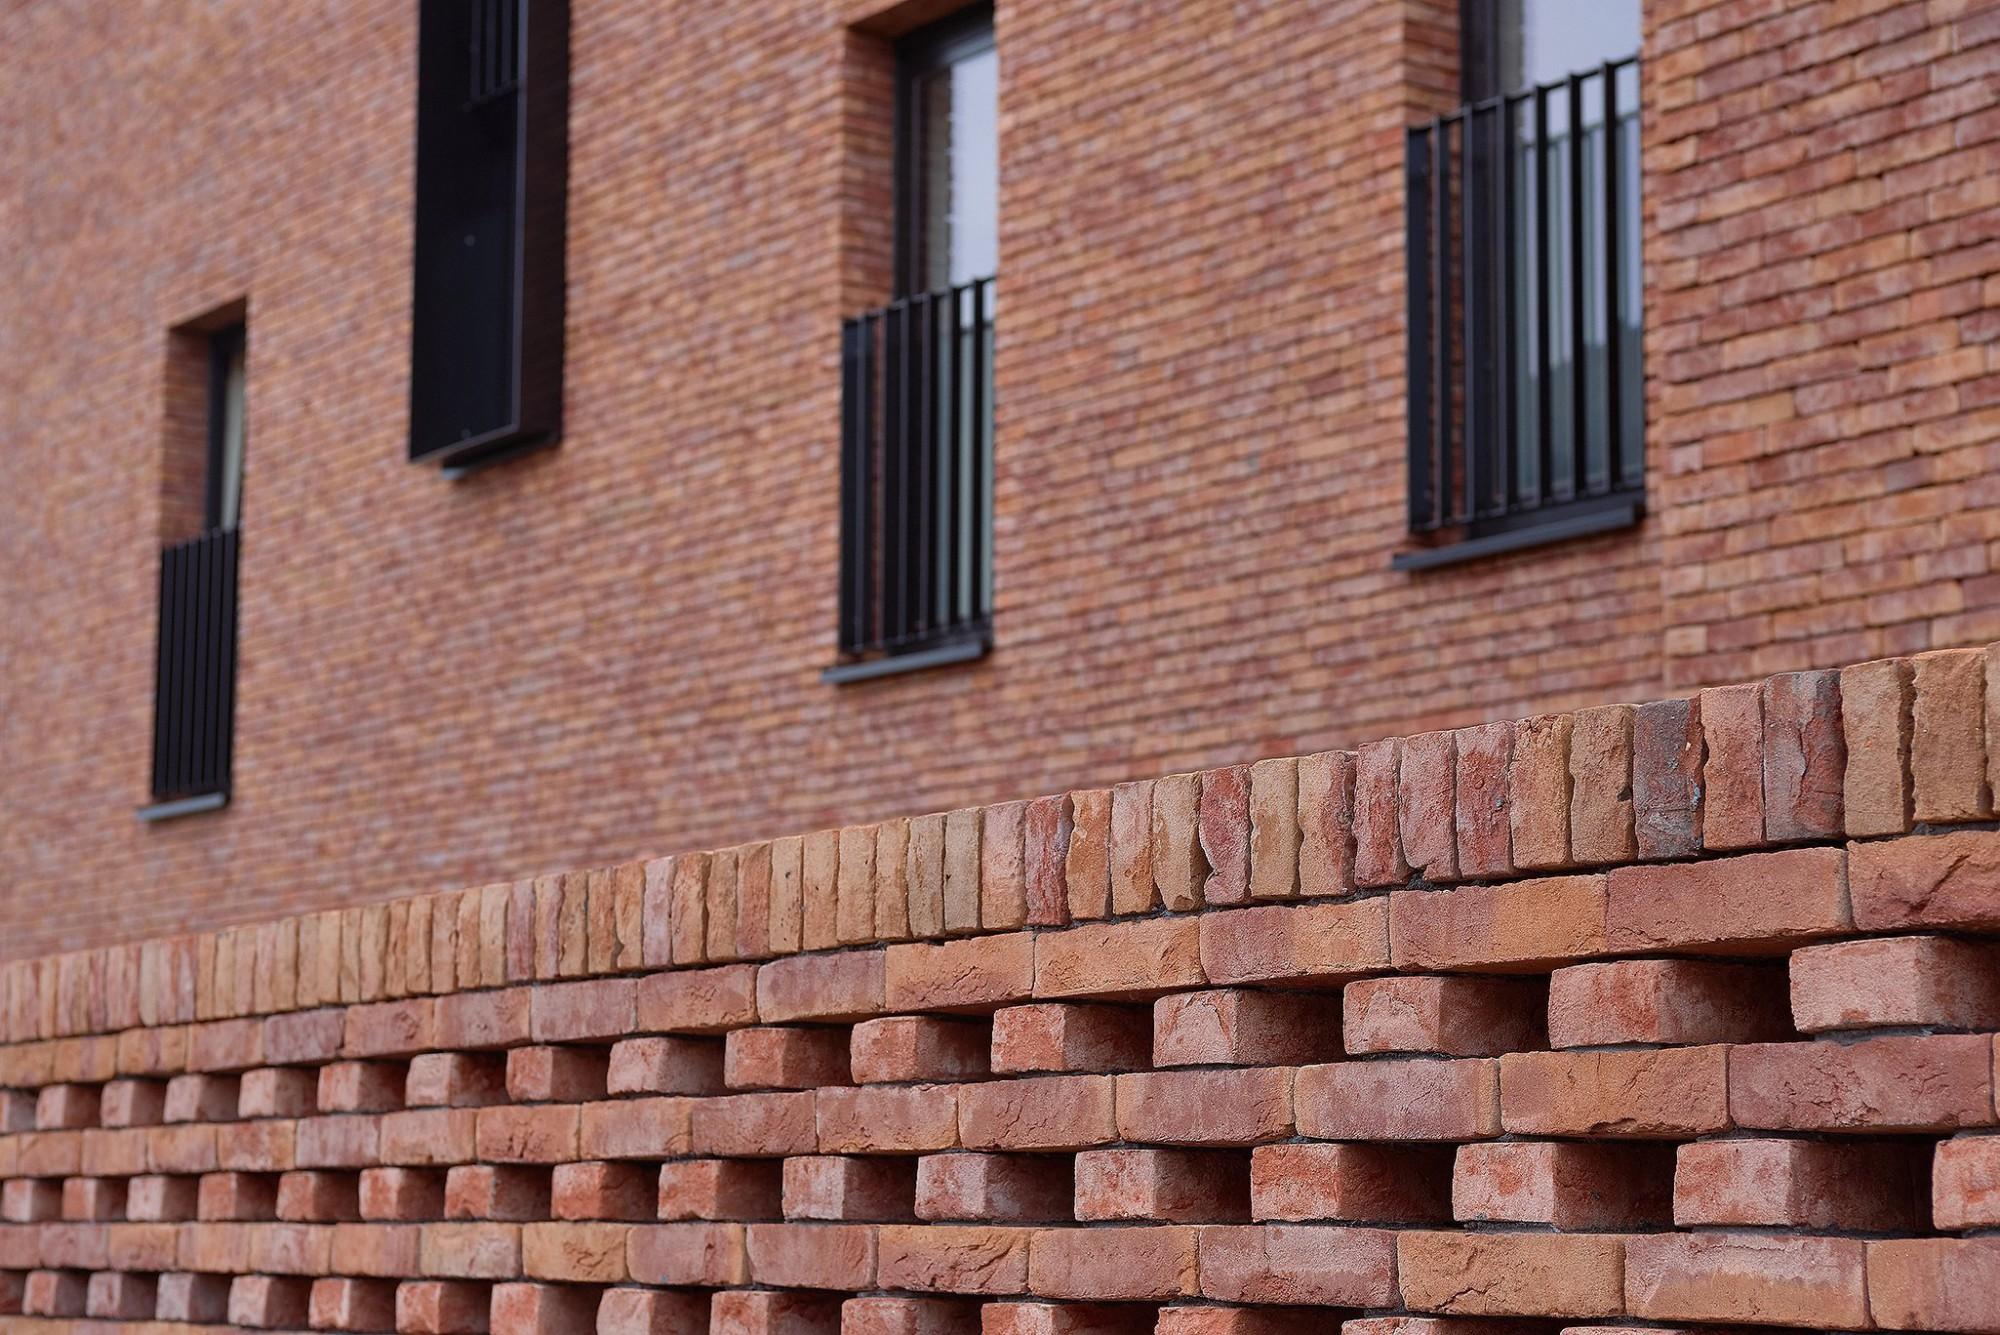 Afbeelding: Architectuur fotografie voor bouwbedrijven, architecten, projectontwikkelaars, productontwikkelaars, industrie, …foto Van Huffel.